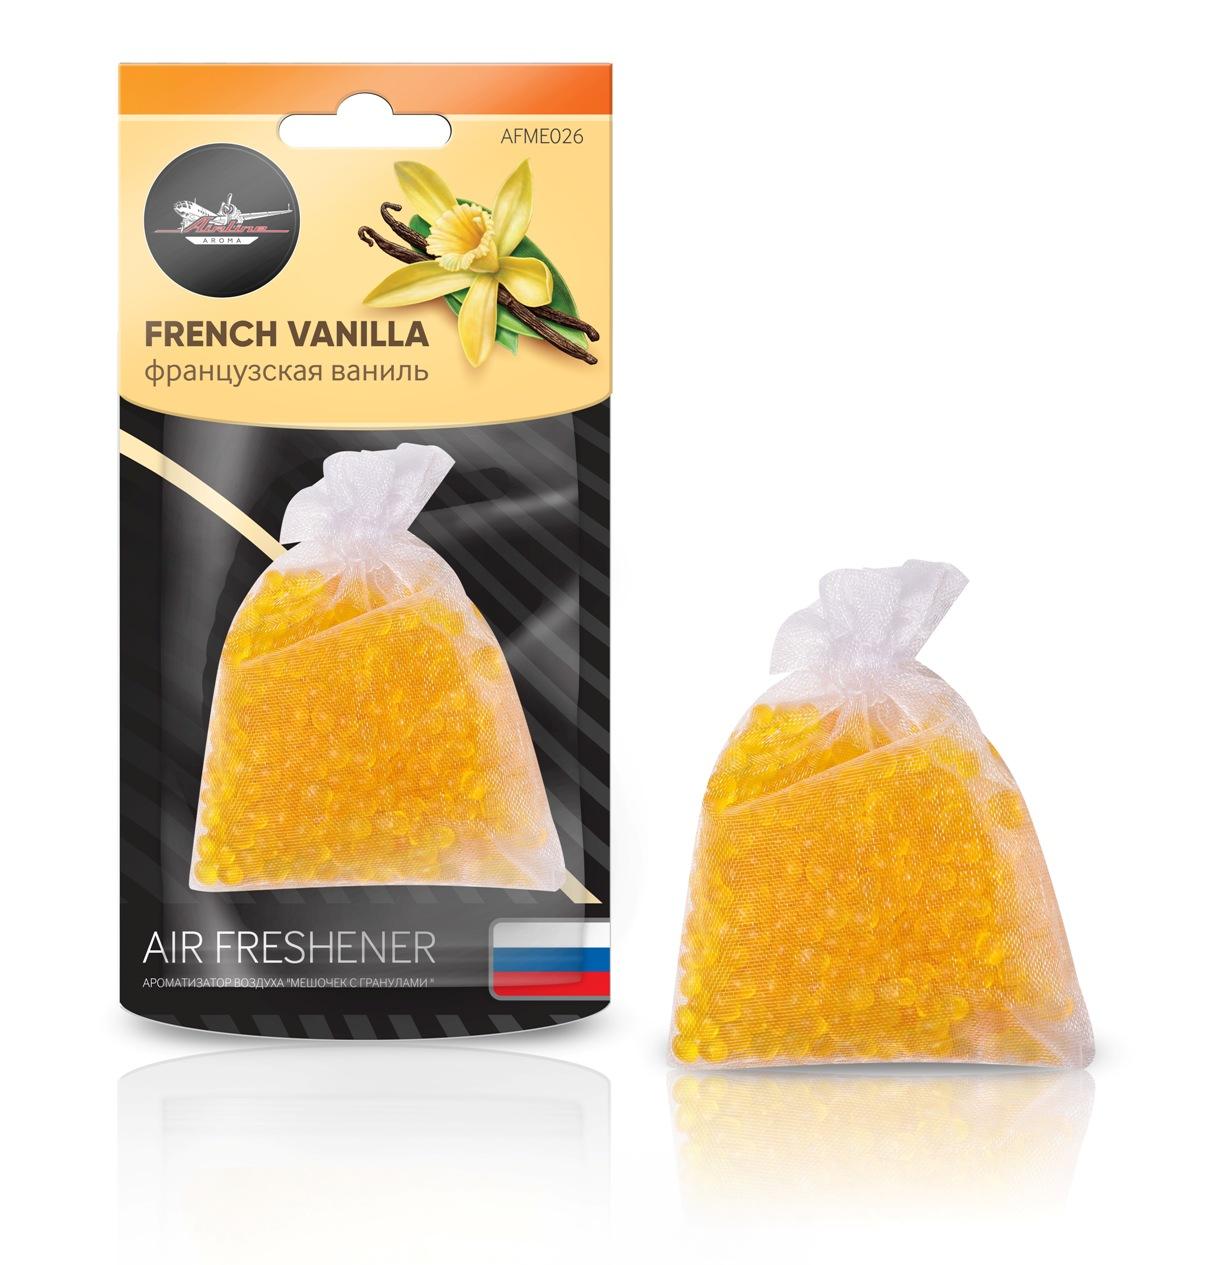 """Ароматизатор подвесной """"Мешочек с гранулами"""" французская ваниль (AFME026)"""